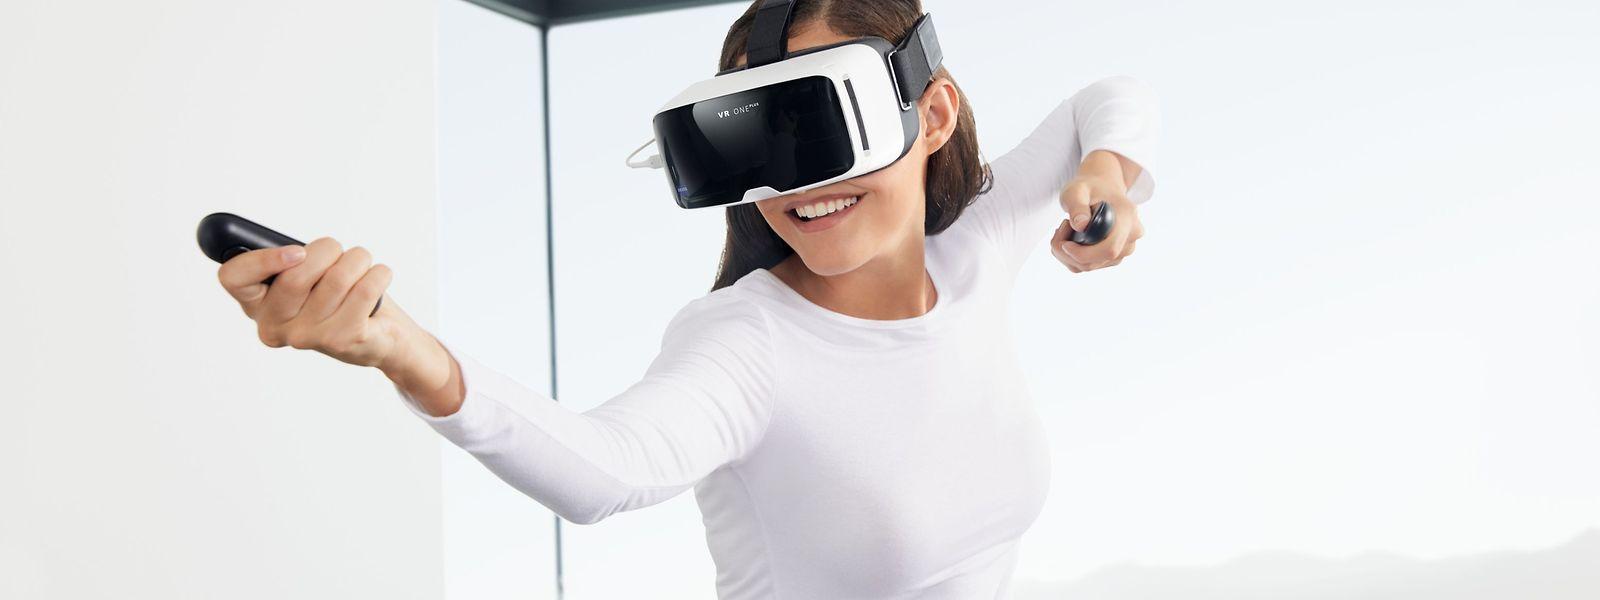 """Mit der """"VR One Connect"""" von Zeiss können Gamer SteamVR-Virtual-Reality-Titel über eine Smartphone-Brille spielen. Die Universalhalterung eignet sich für Geräte zwischen 4,7 und 5,5 Zoll. Die Berechnung der VR-Inhalte übernimmt nicht mehr die Smartphone-Hardware, sondern die Daten werden vom PC direkt auf das Display übertragen. Zwei drahtlose 3DoF-Controller erfassen über Sensoren drei Bewegungsachsen."""